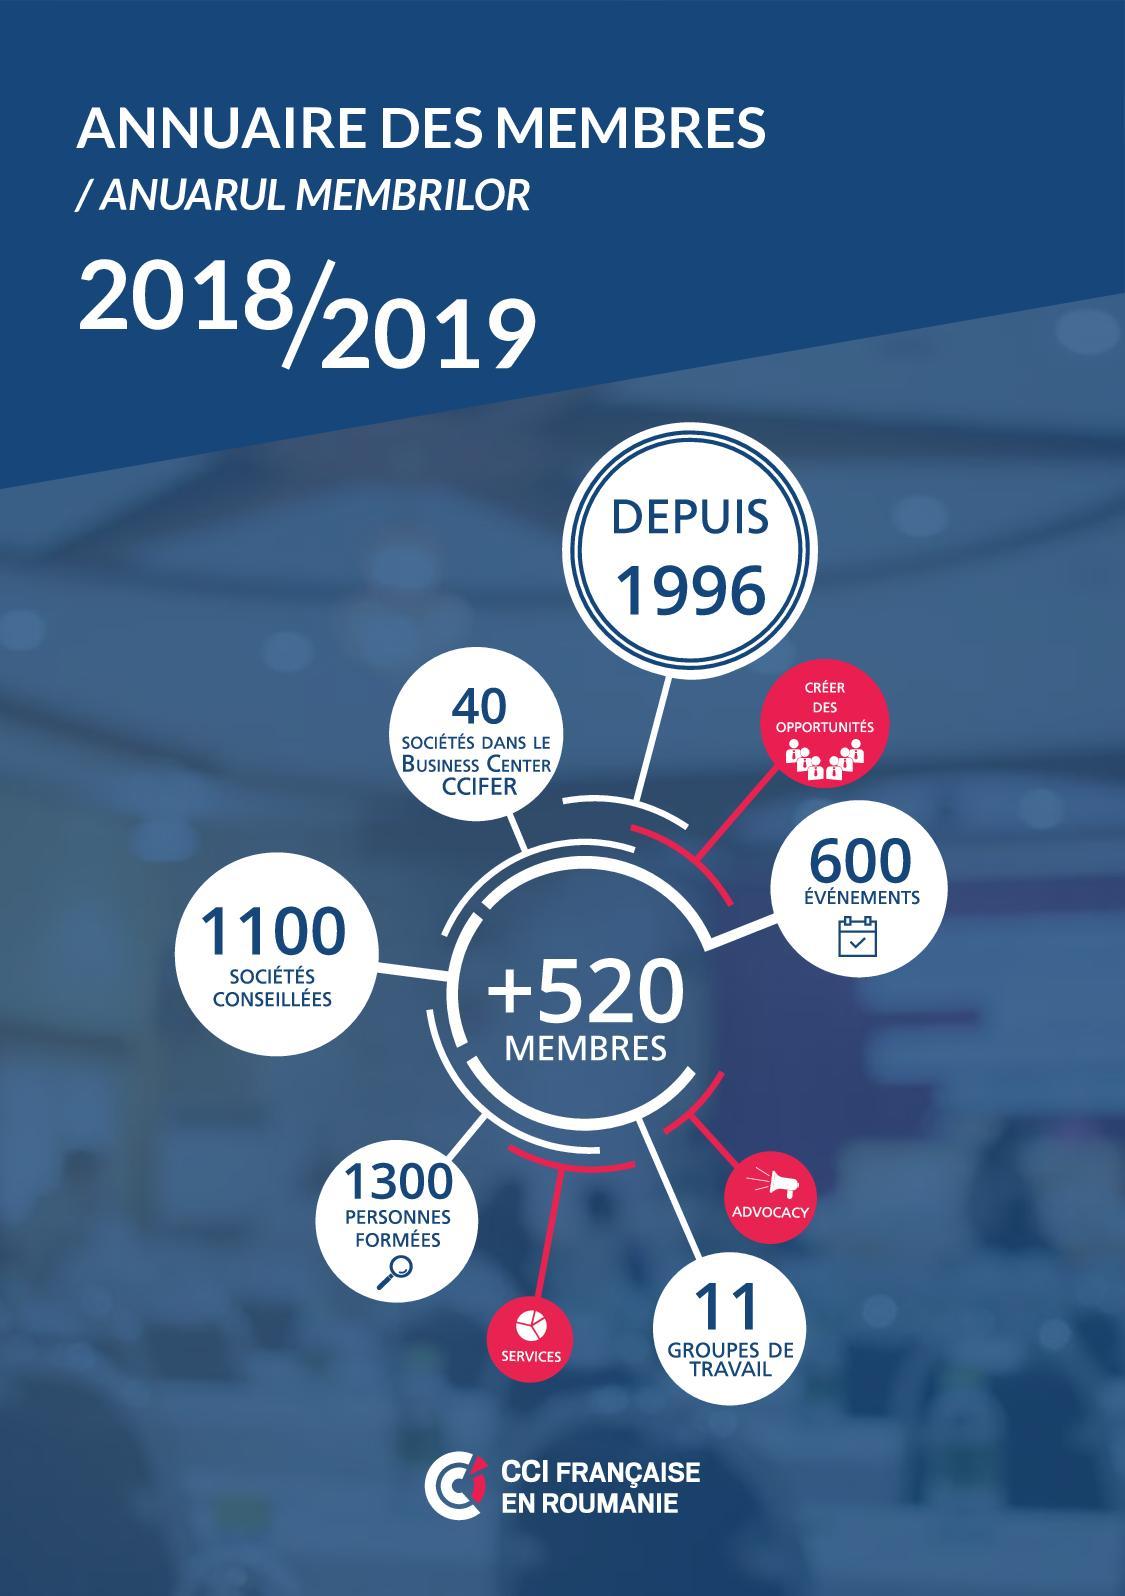 6d6c00ce7774c Calaméo - Annuaire des membres 2018 2019